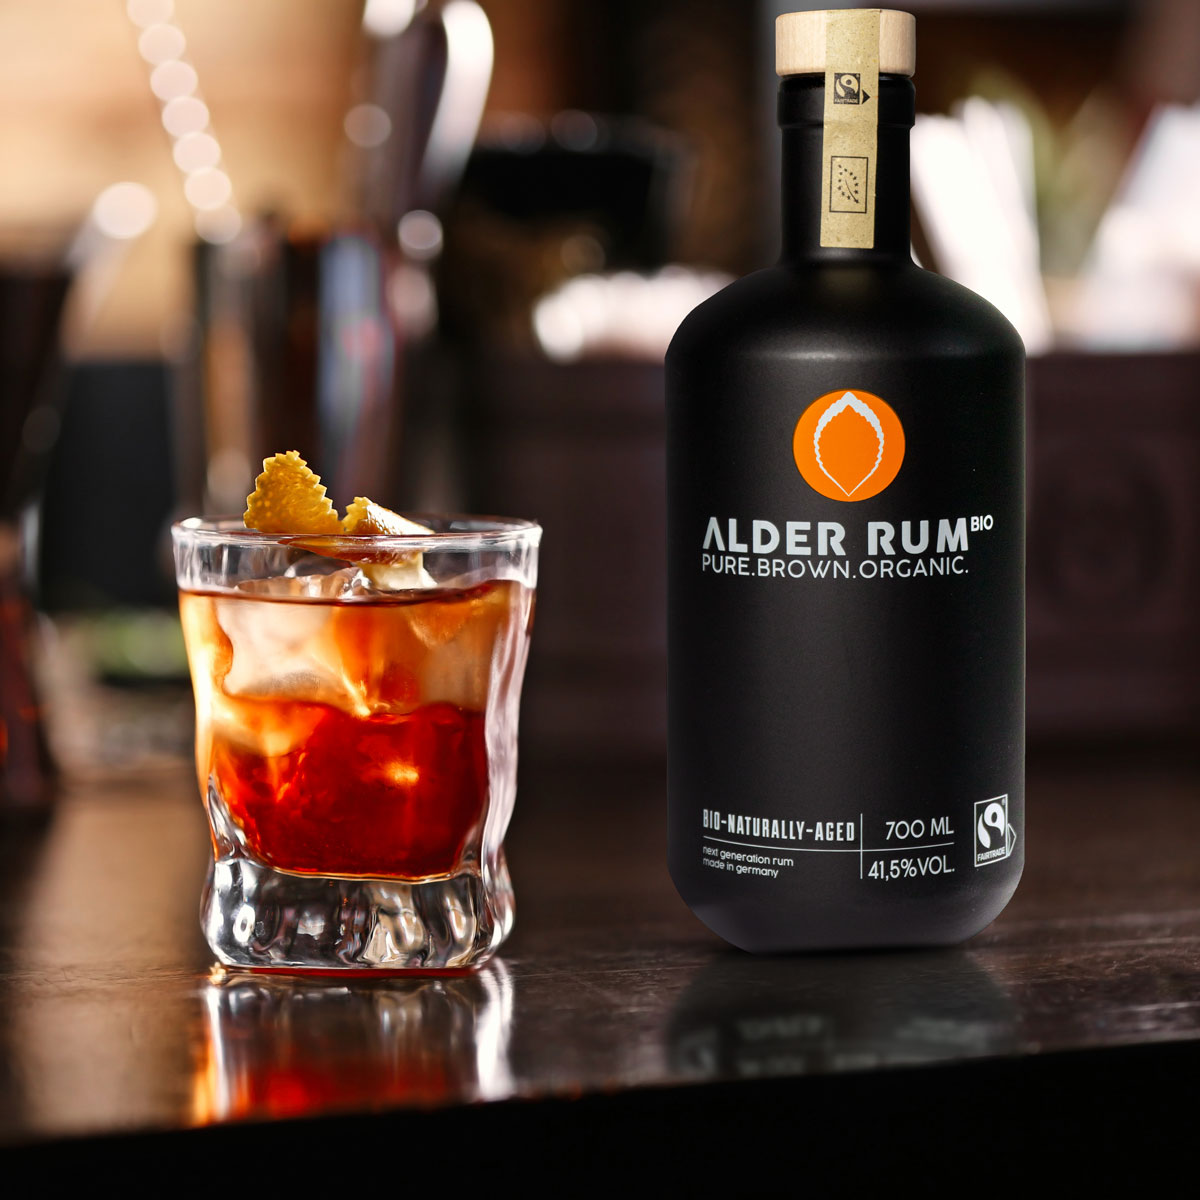 Alder Rum schwarze Flasche EDEKA Woytke in Hamburg